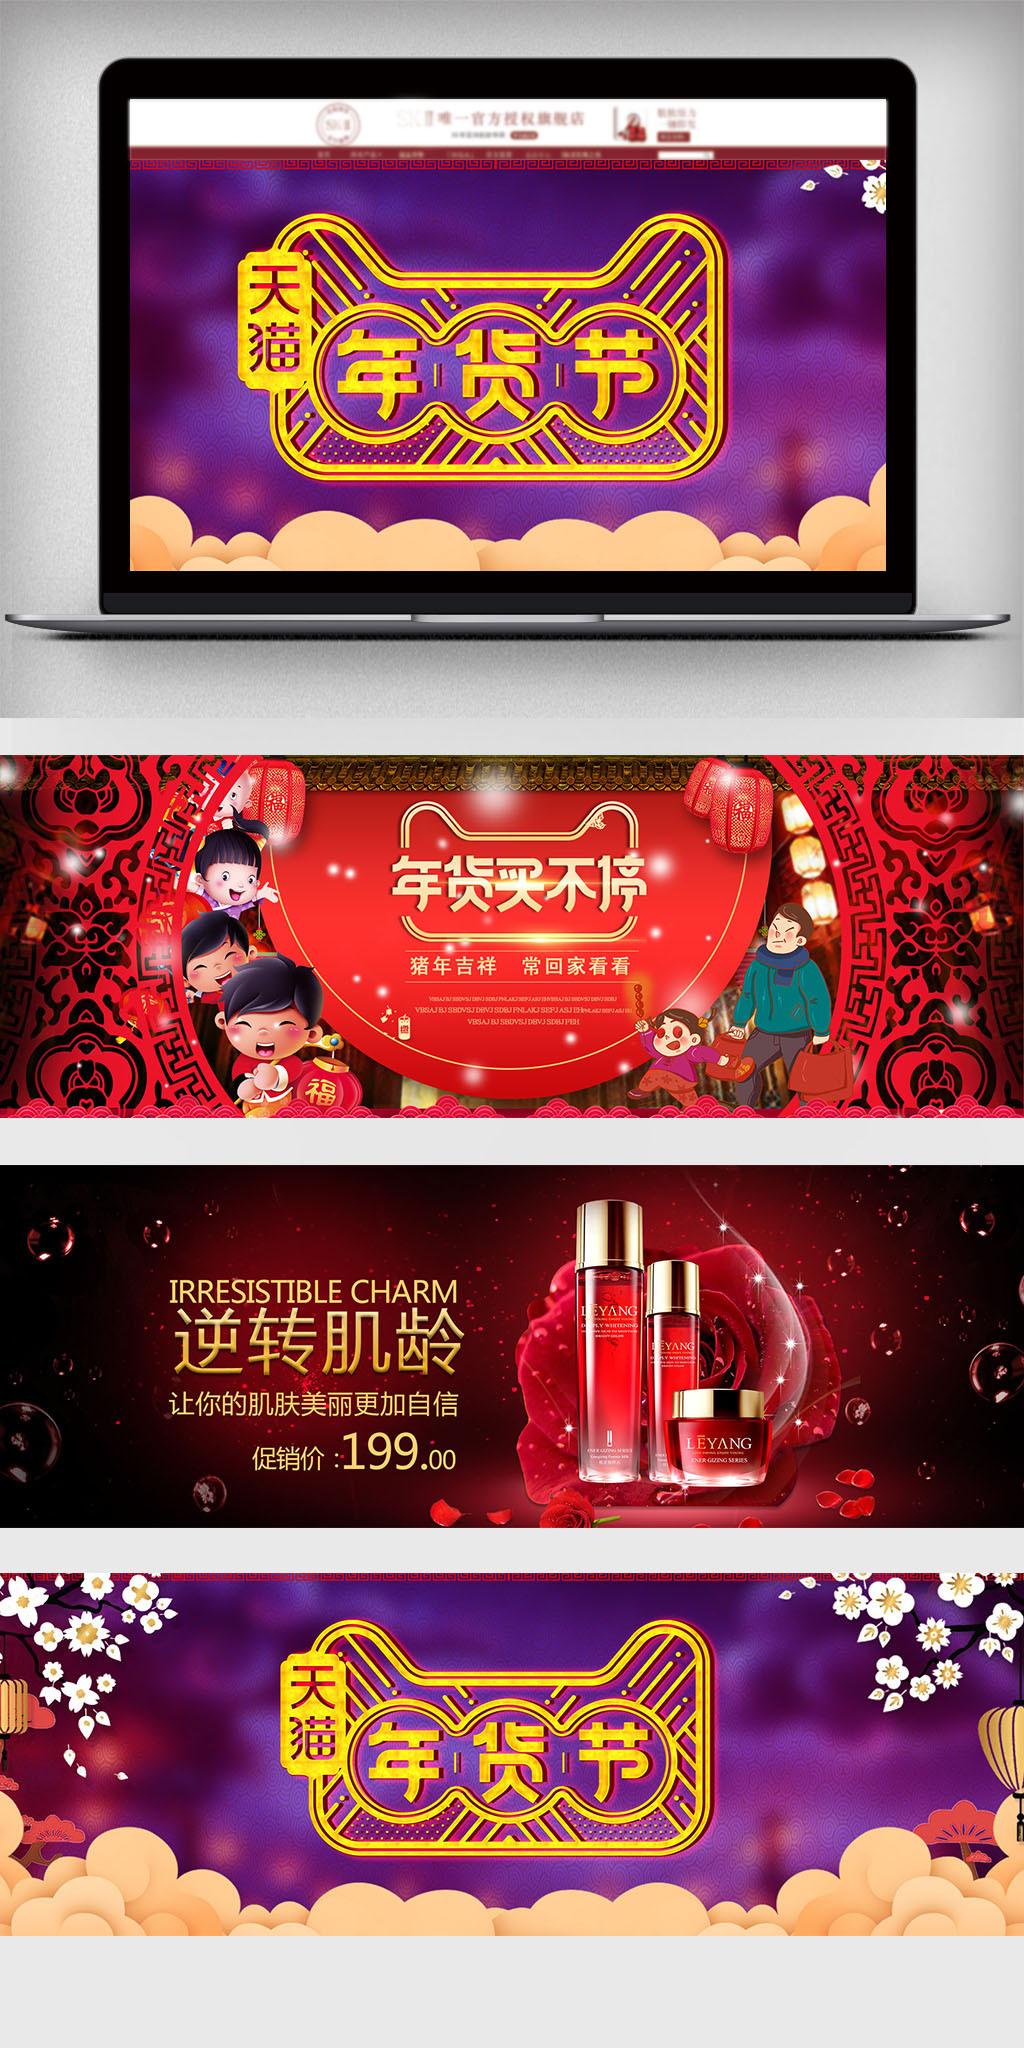 新浪微博qq空间微信                  原创设计淘宝天猫年货节过年